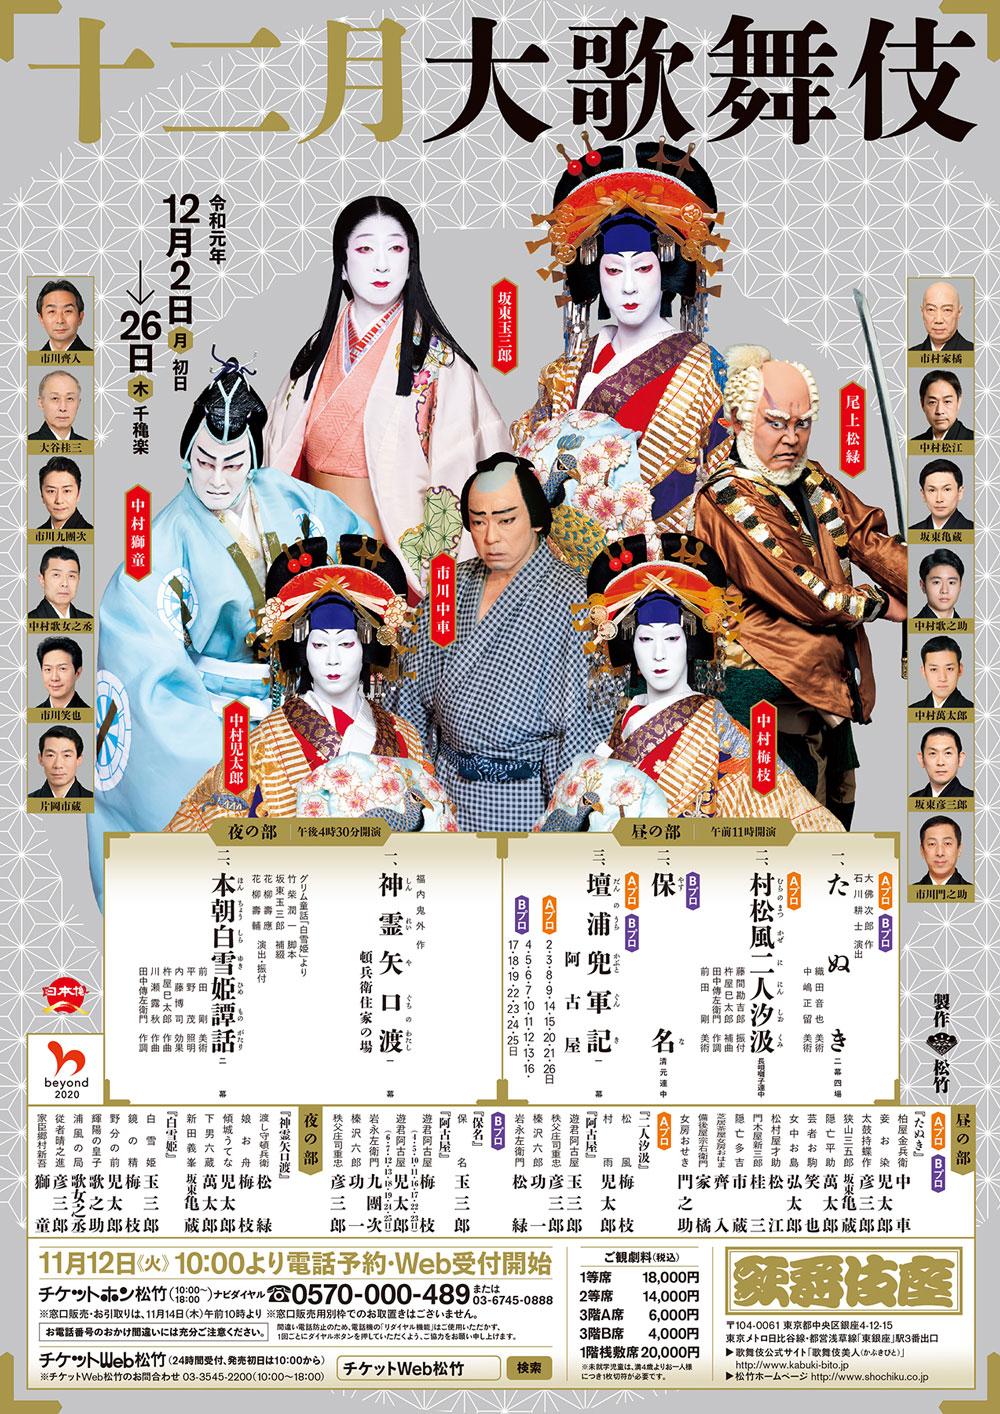 十二月大歌舞伎|歌舞伎座|歌舞伎美人